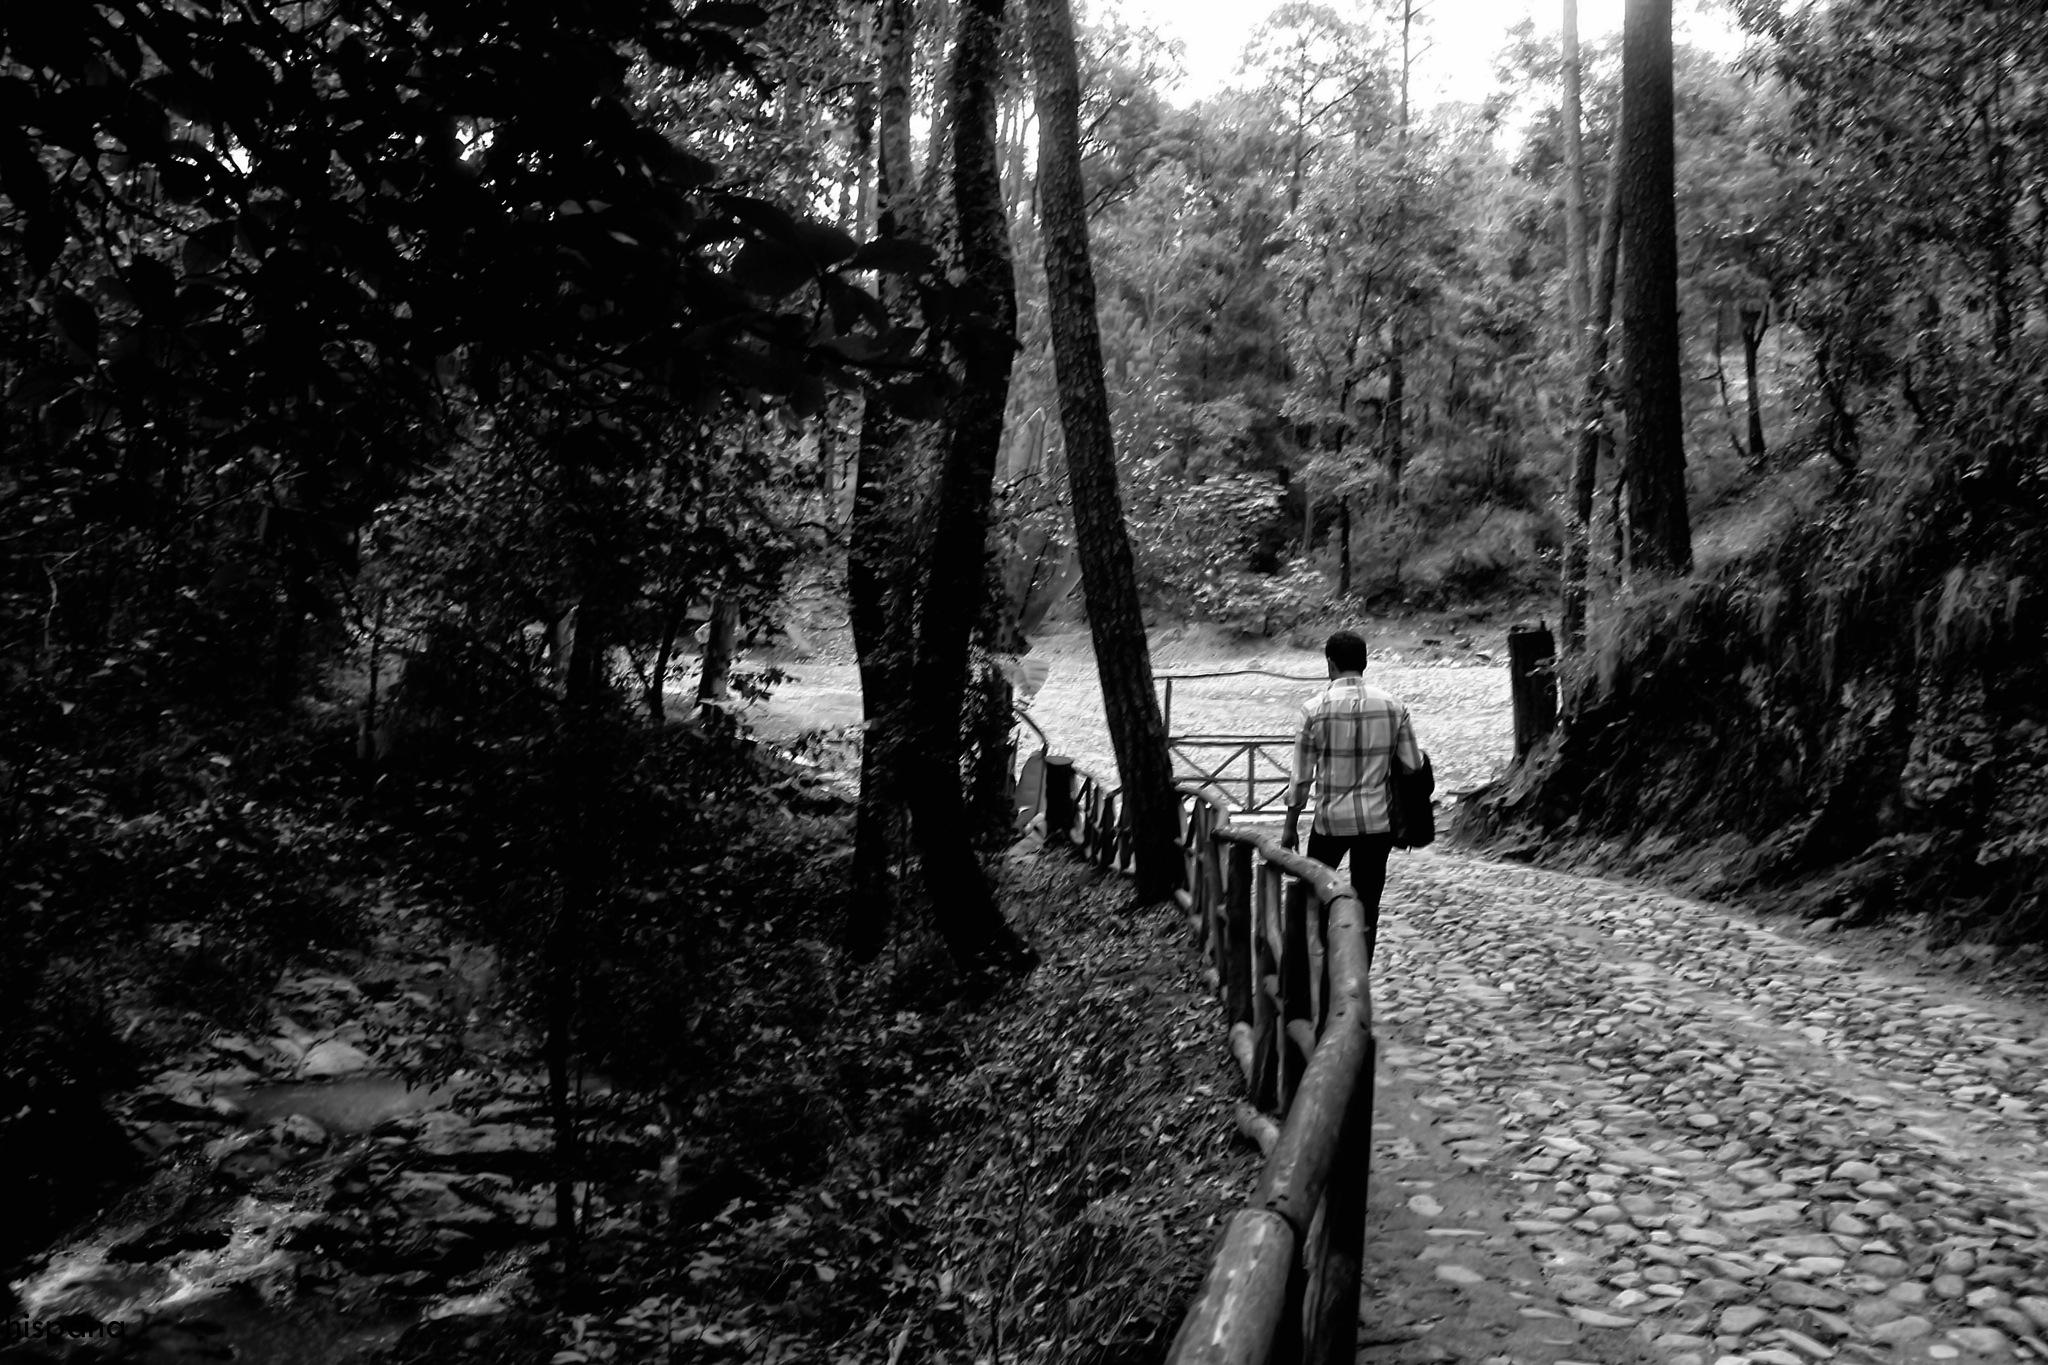 camino by mandira